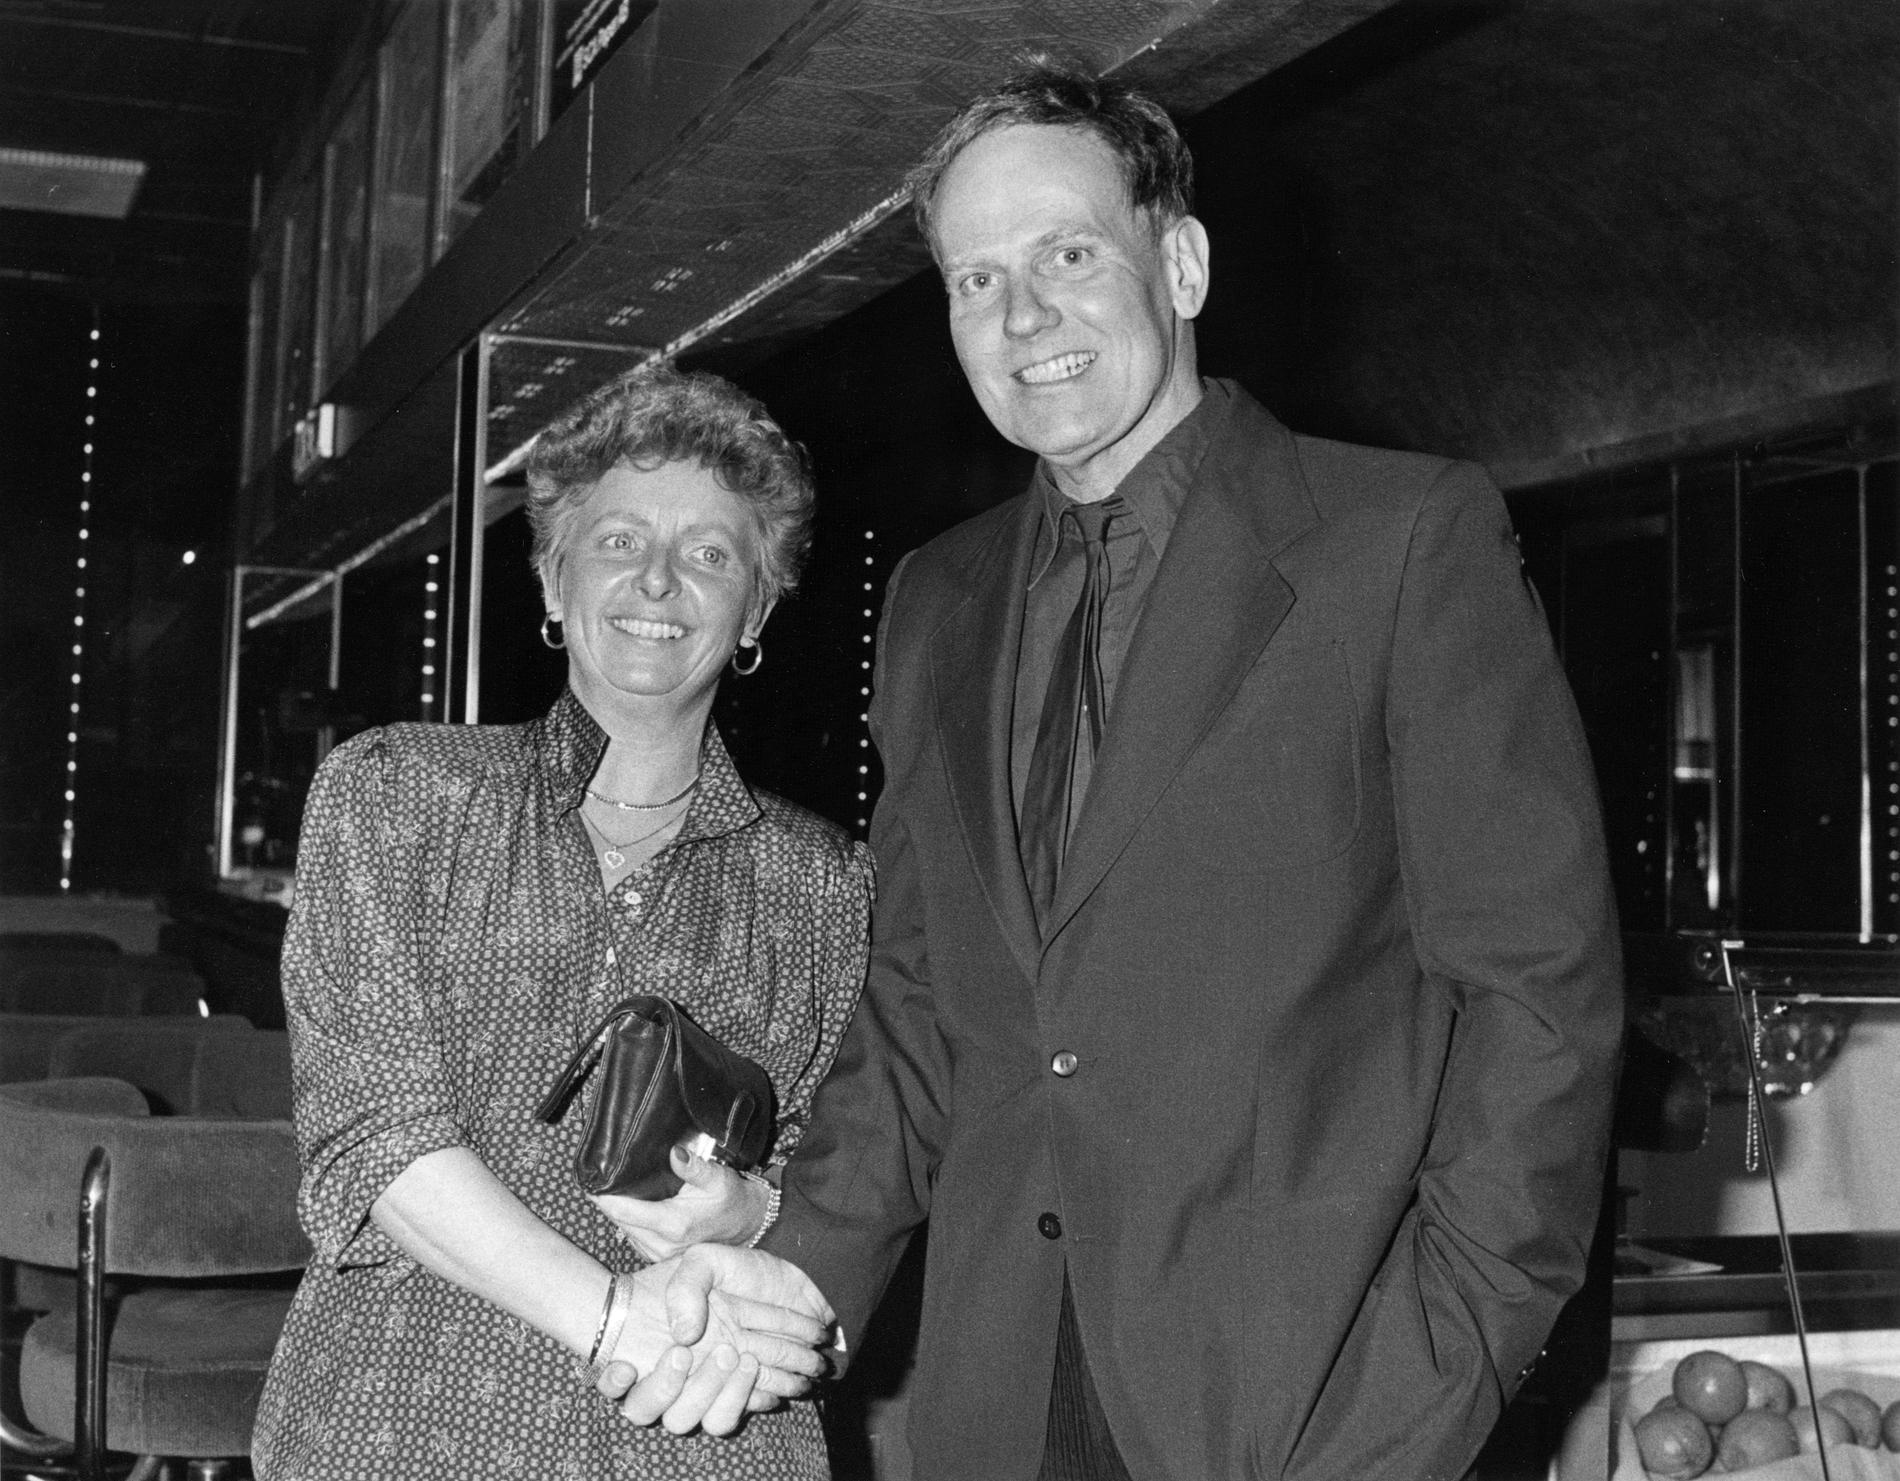 Ann-Sofie Bergman tillsammans med skådespelaren Torsten Wahlund på en bild tagen 1988.